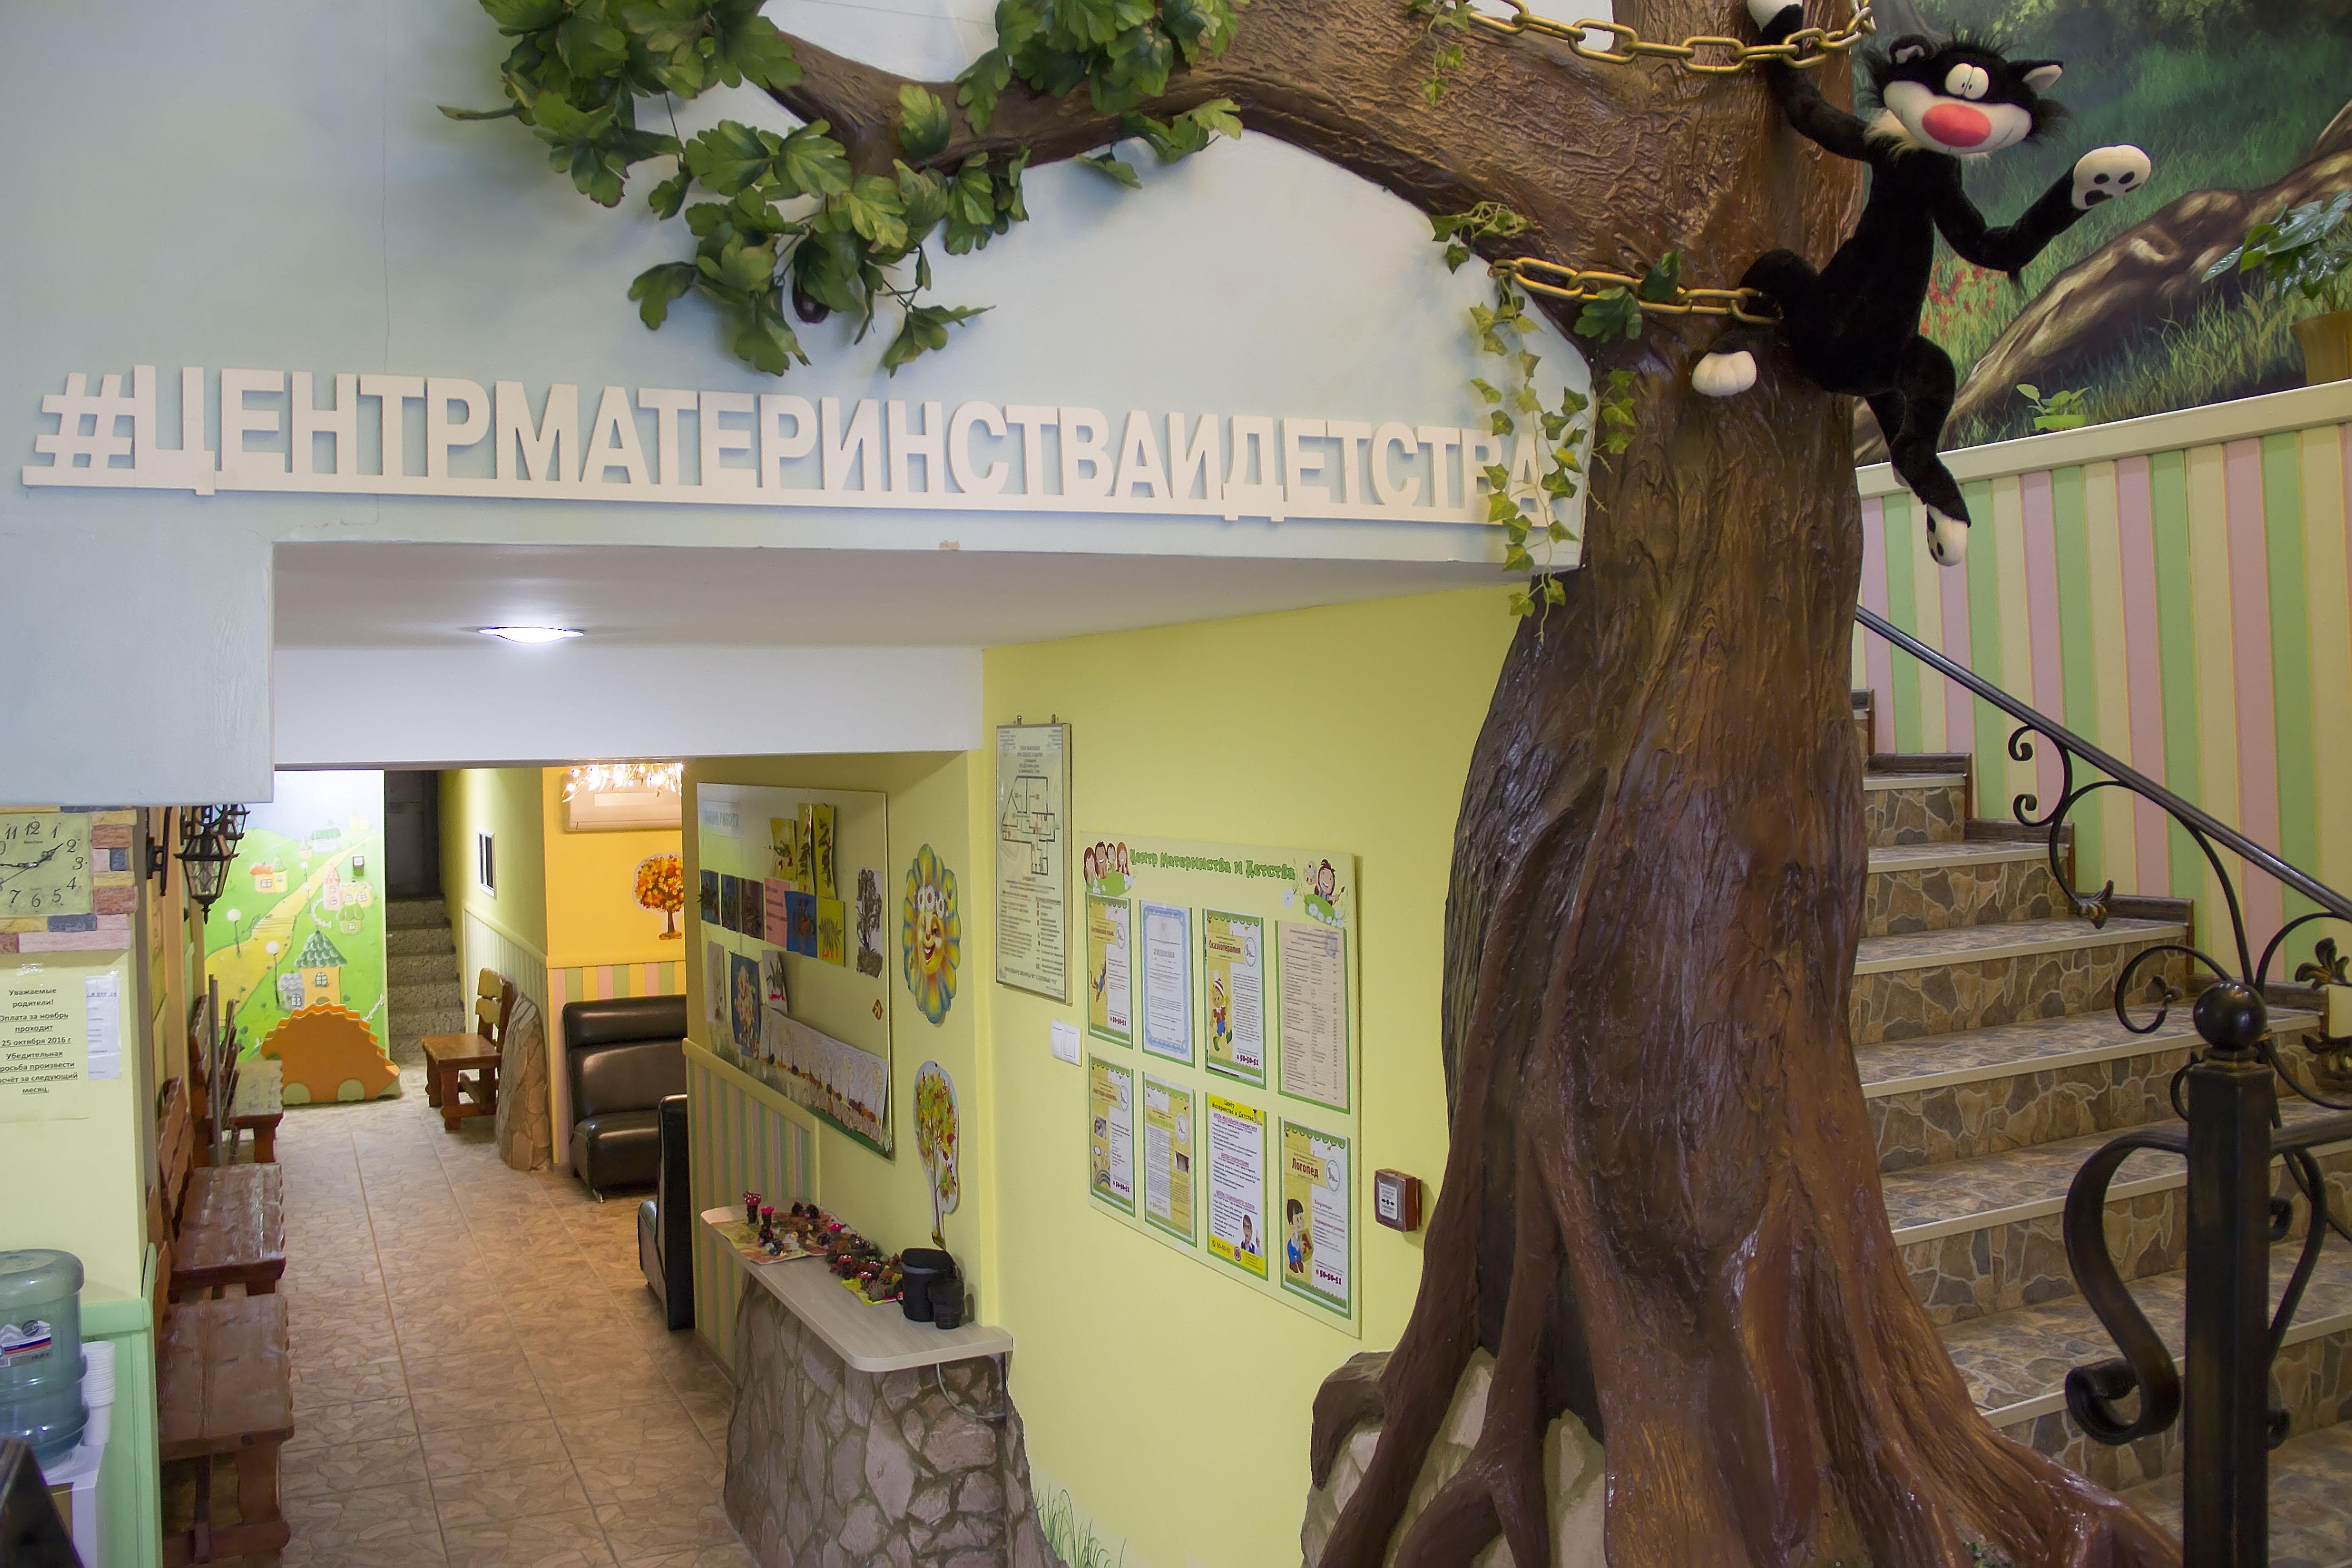 Центр материнства и детства в Иркутске